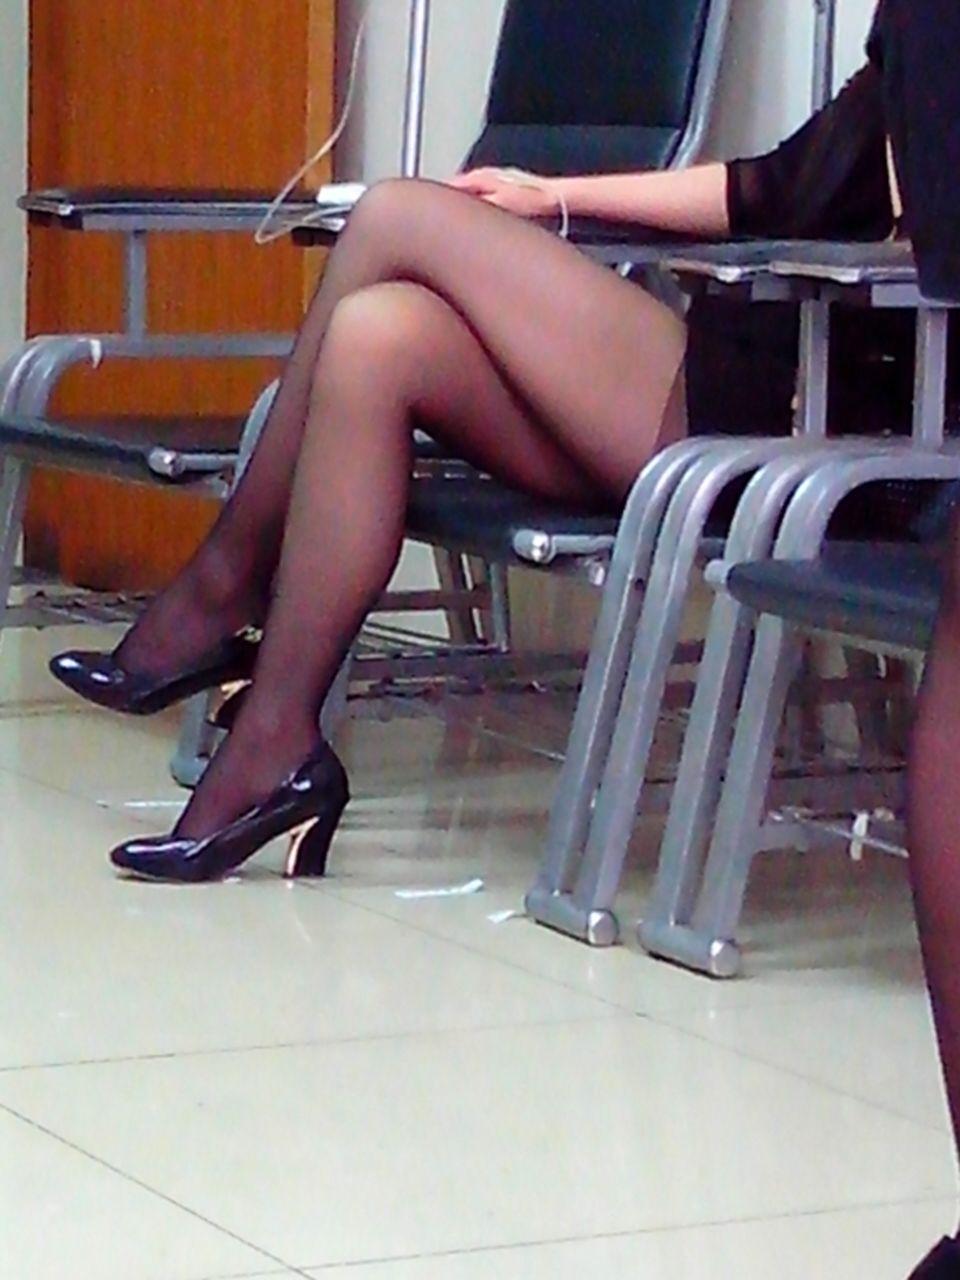 中文字幕老女人热爱_我对穿黑丝袜的没好感,我不知道其他人 追问: 腿还行,脸不行 老女人